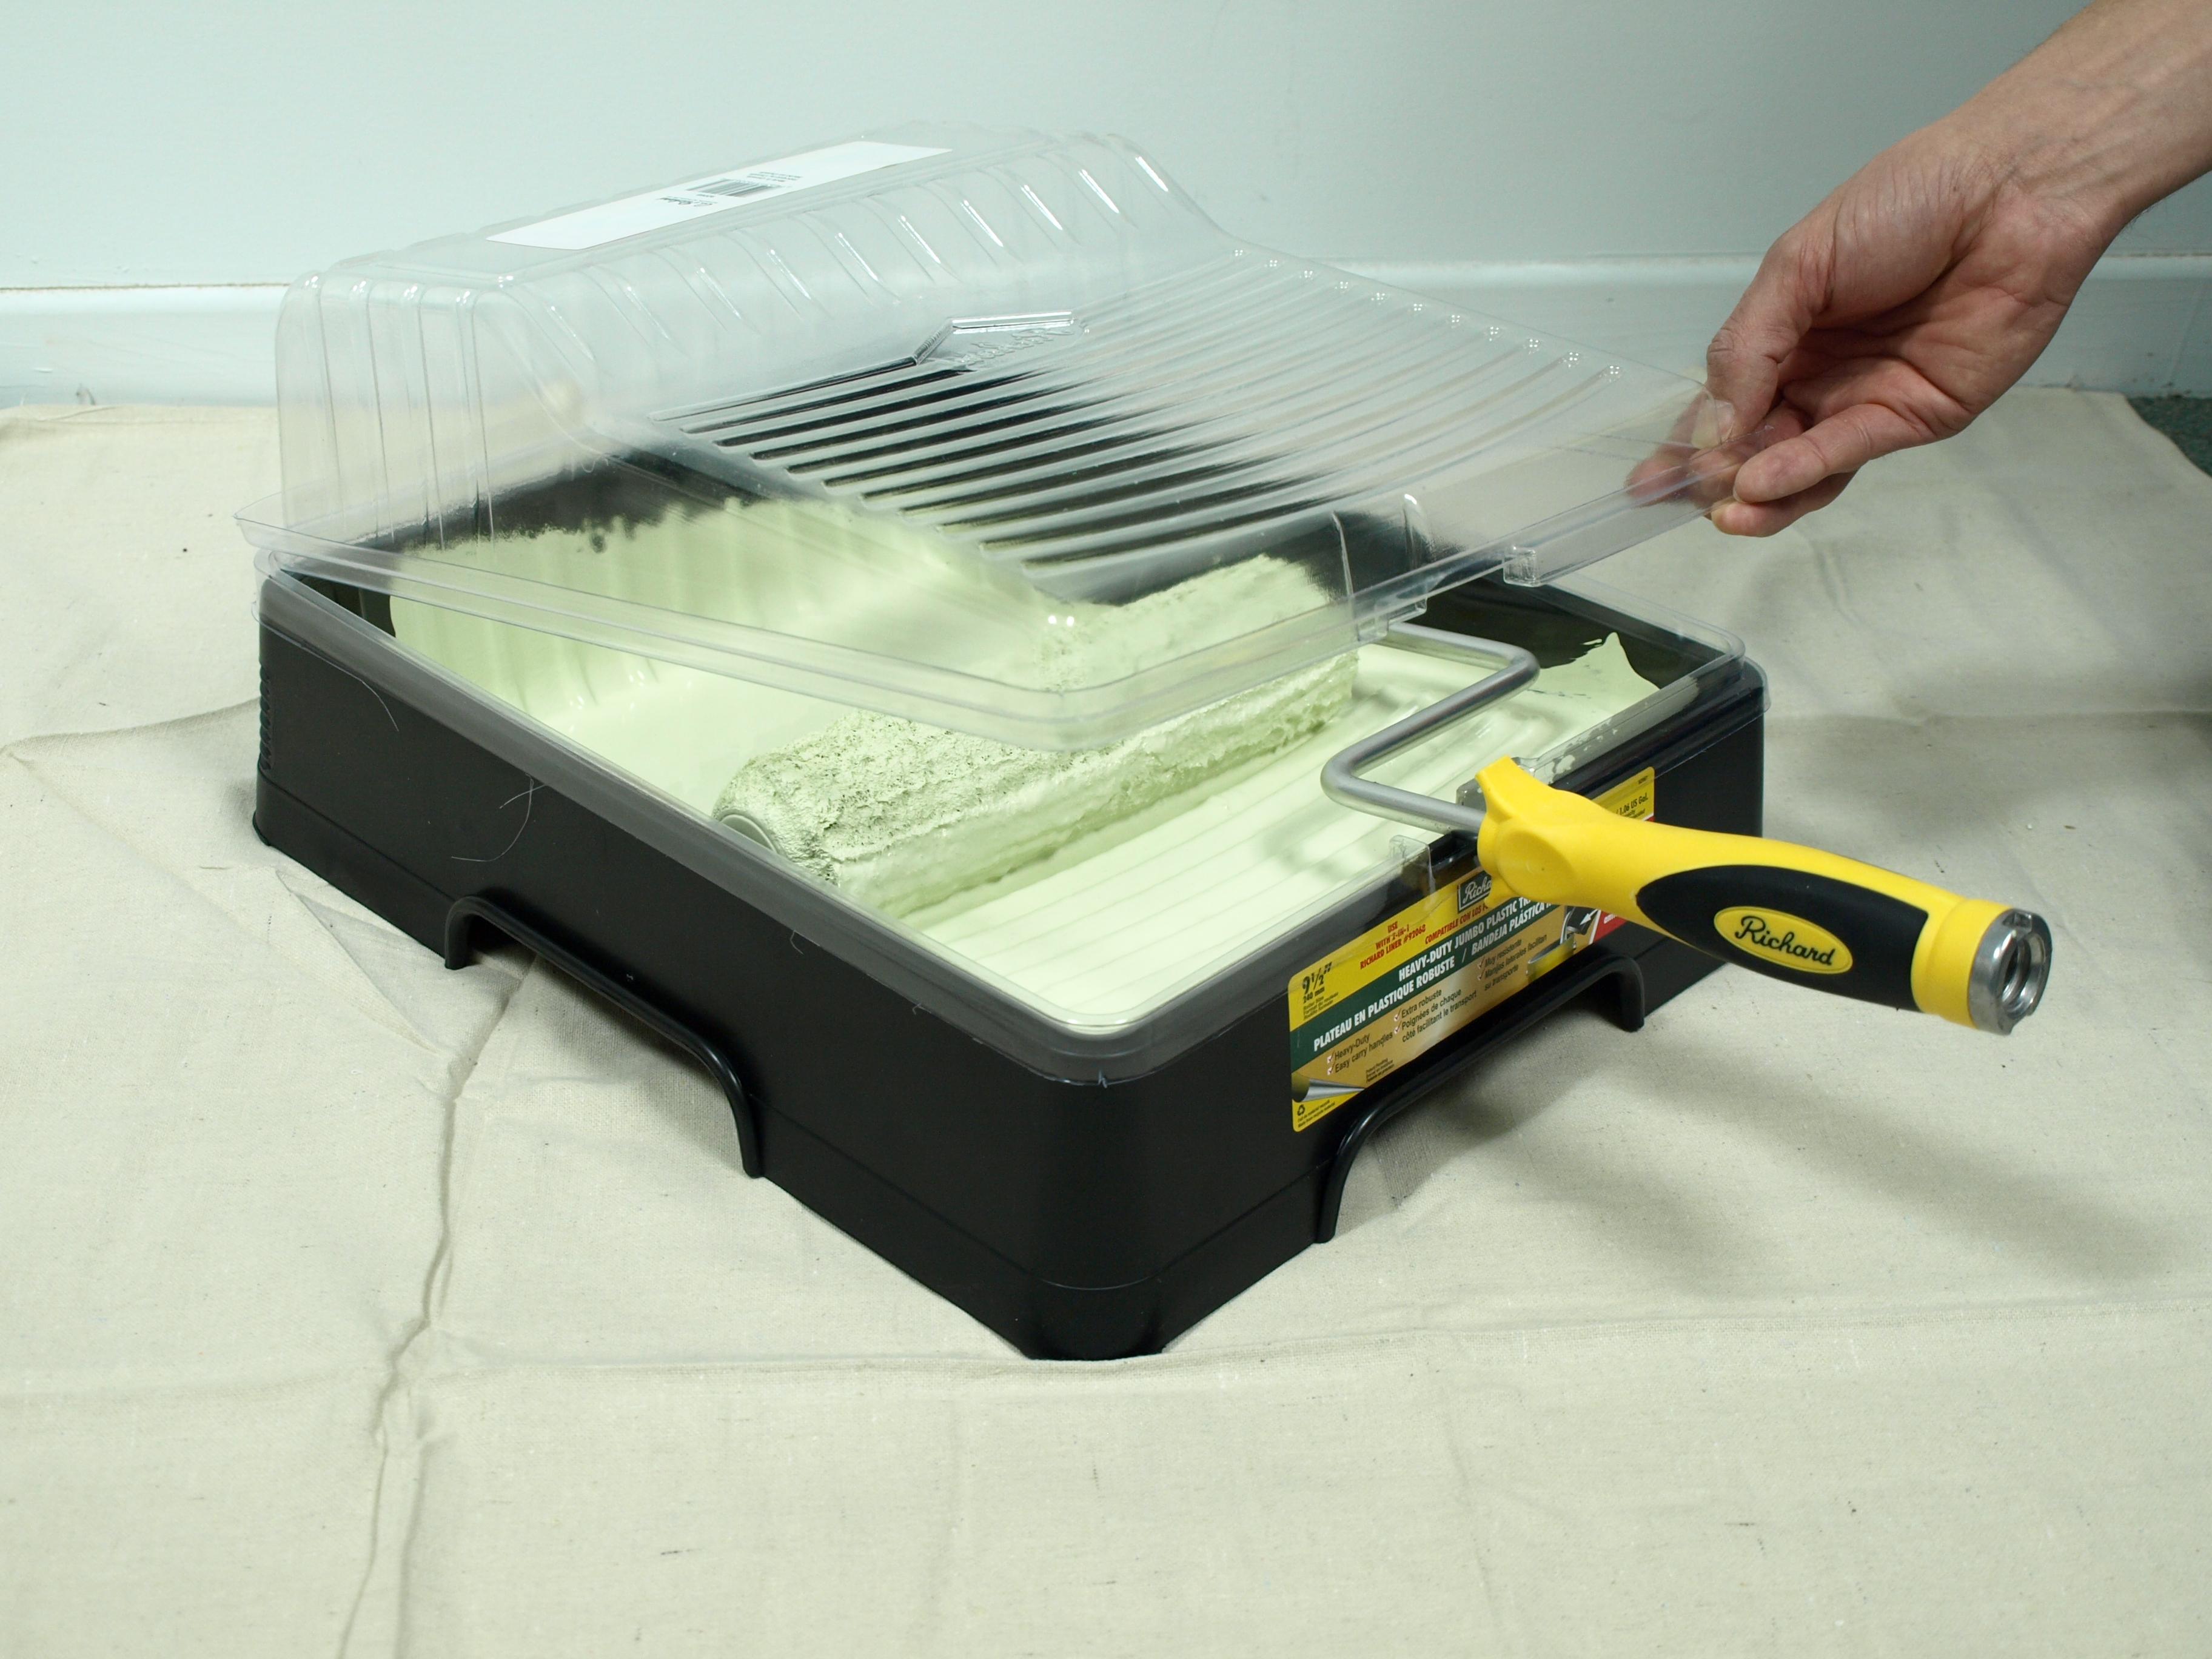 Narzędzia malarskie: biodegradowalna wkładka do kuwety